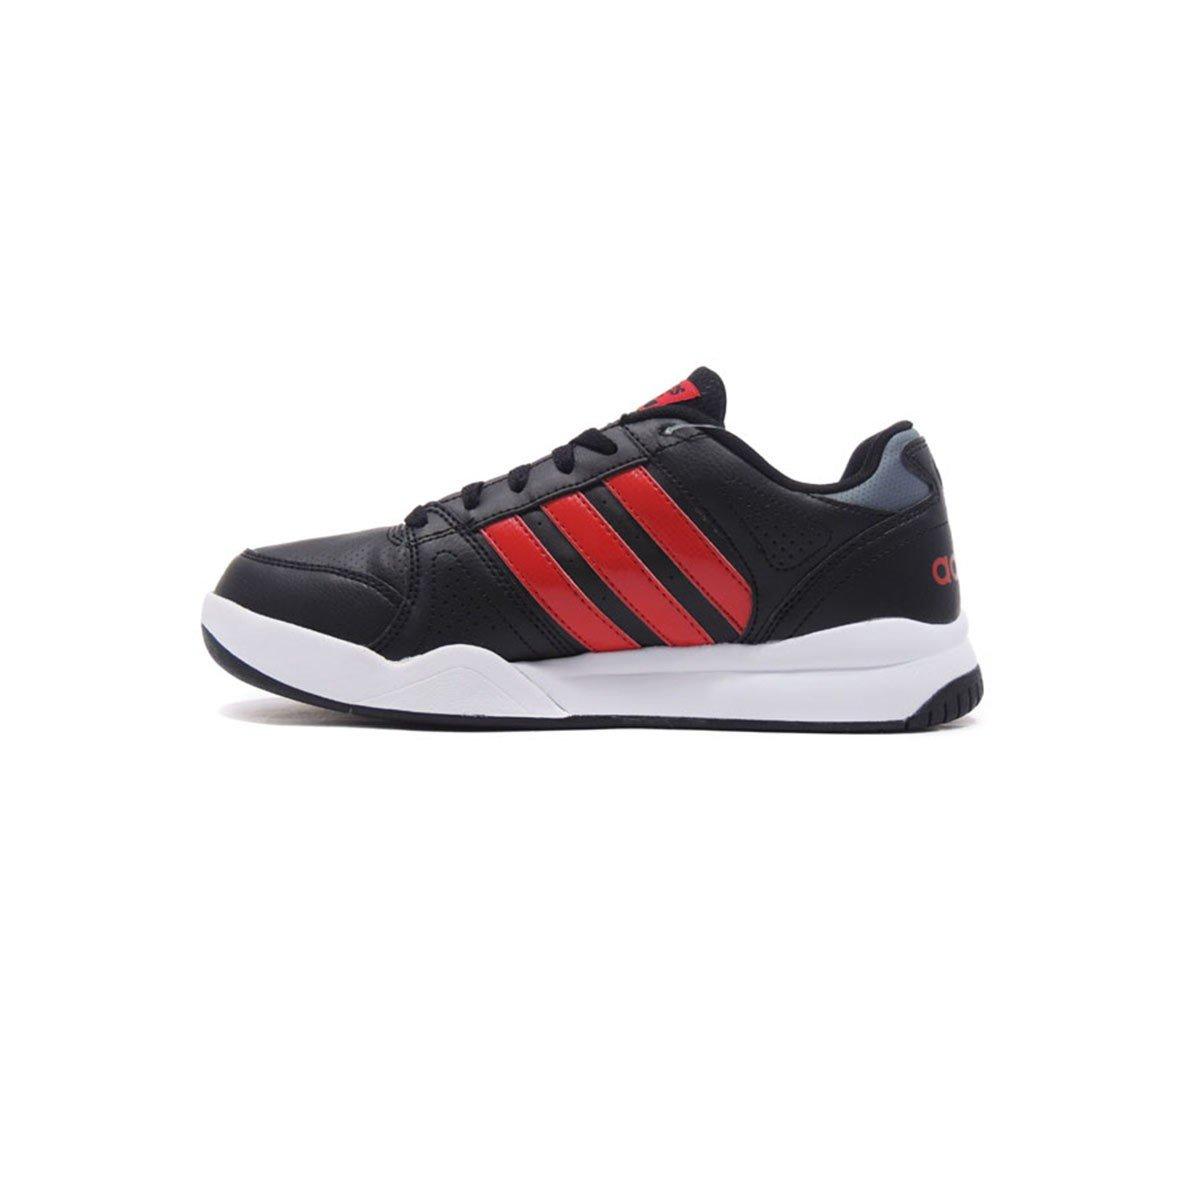 prima i clienti guarda bene le scarpe in vendita offrire adidas Scarpe Uomo Sneakers Cloudfoam VS Court in Pelle nera ...